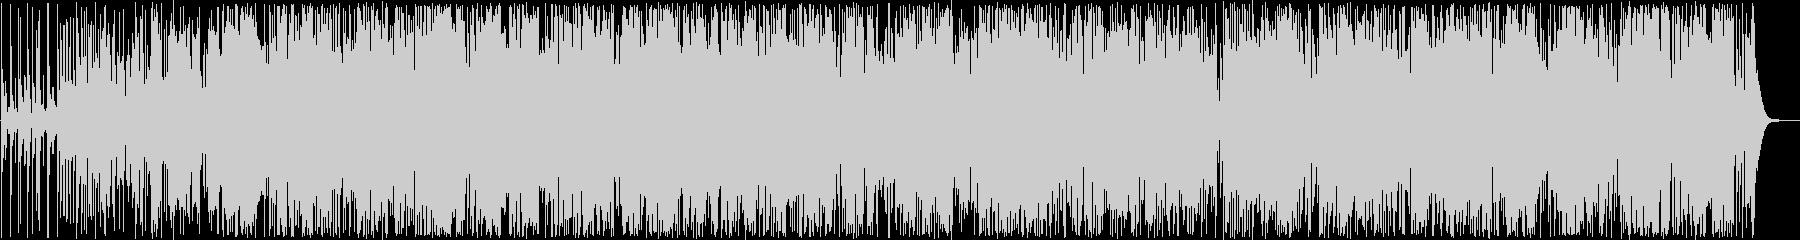 明るくゆったりトランペットシンセサウンドの未再生の波形